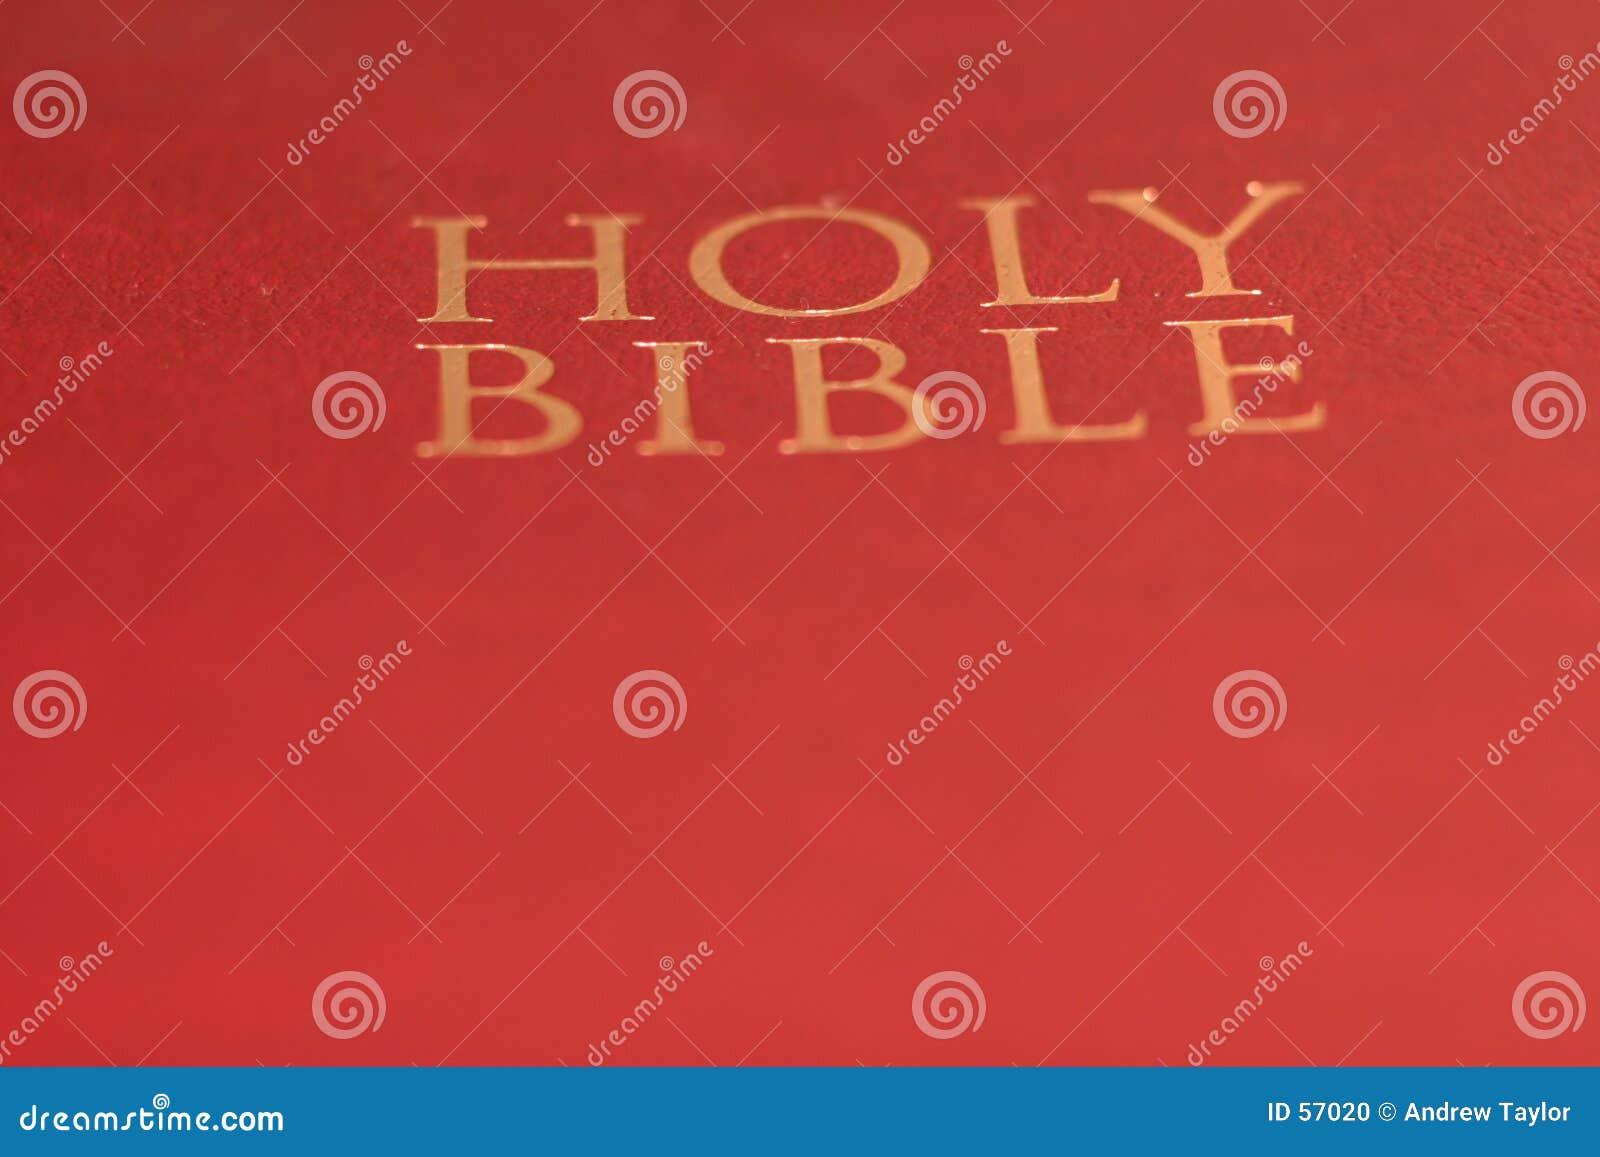 Download Βίβλος απλή στοκ εικόνες. εικόνα από καθολικός, θρησκευτικός - 57020